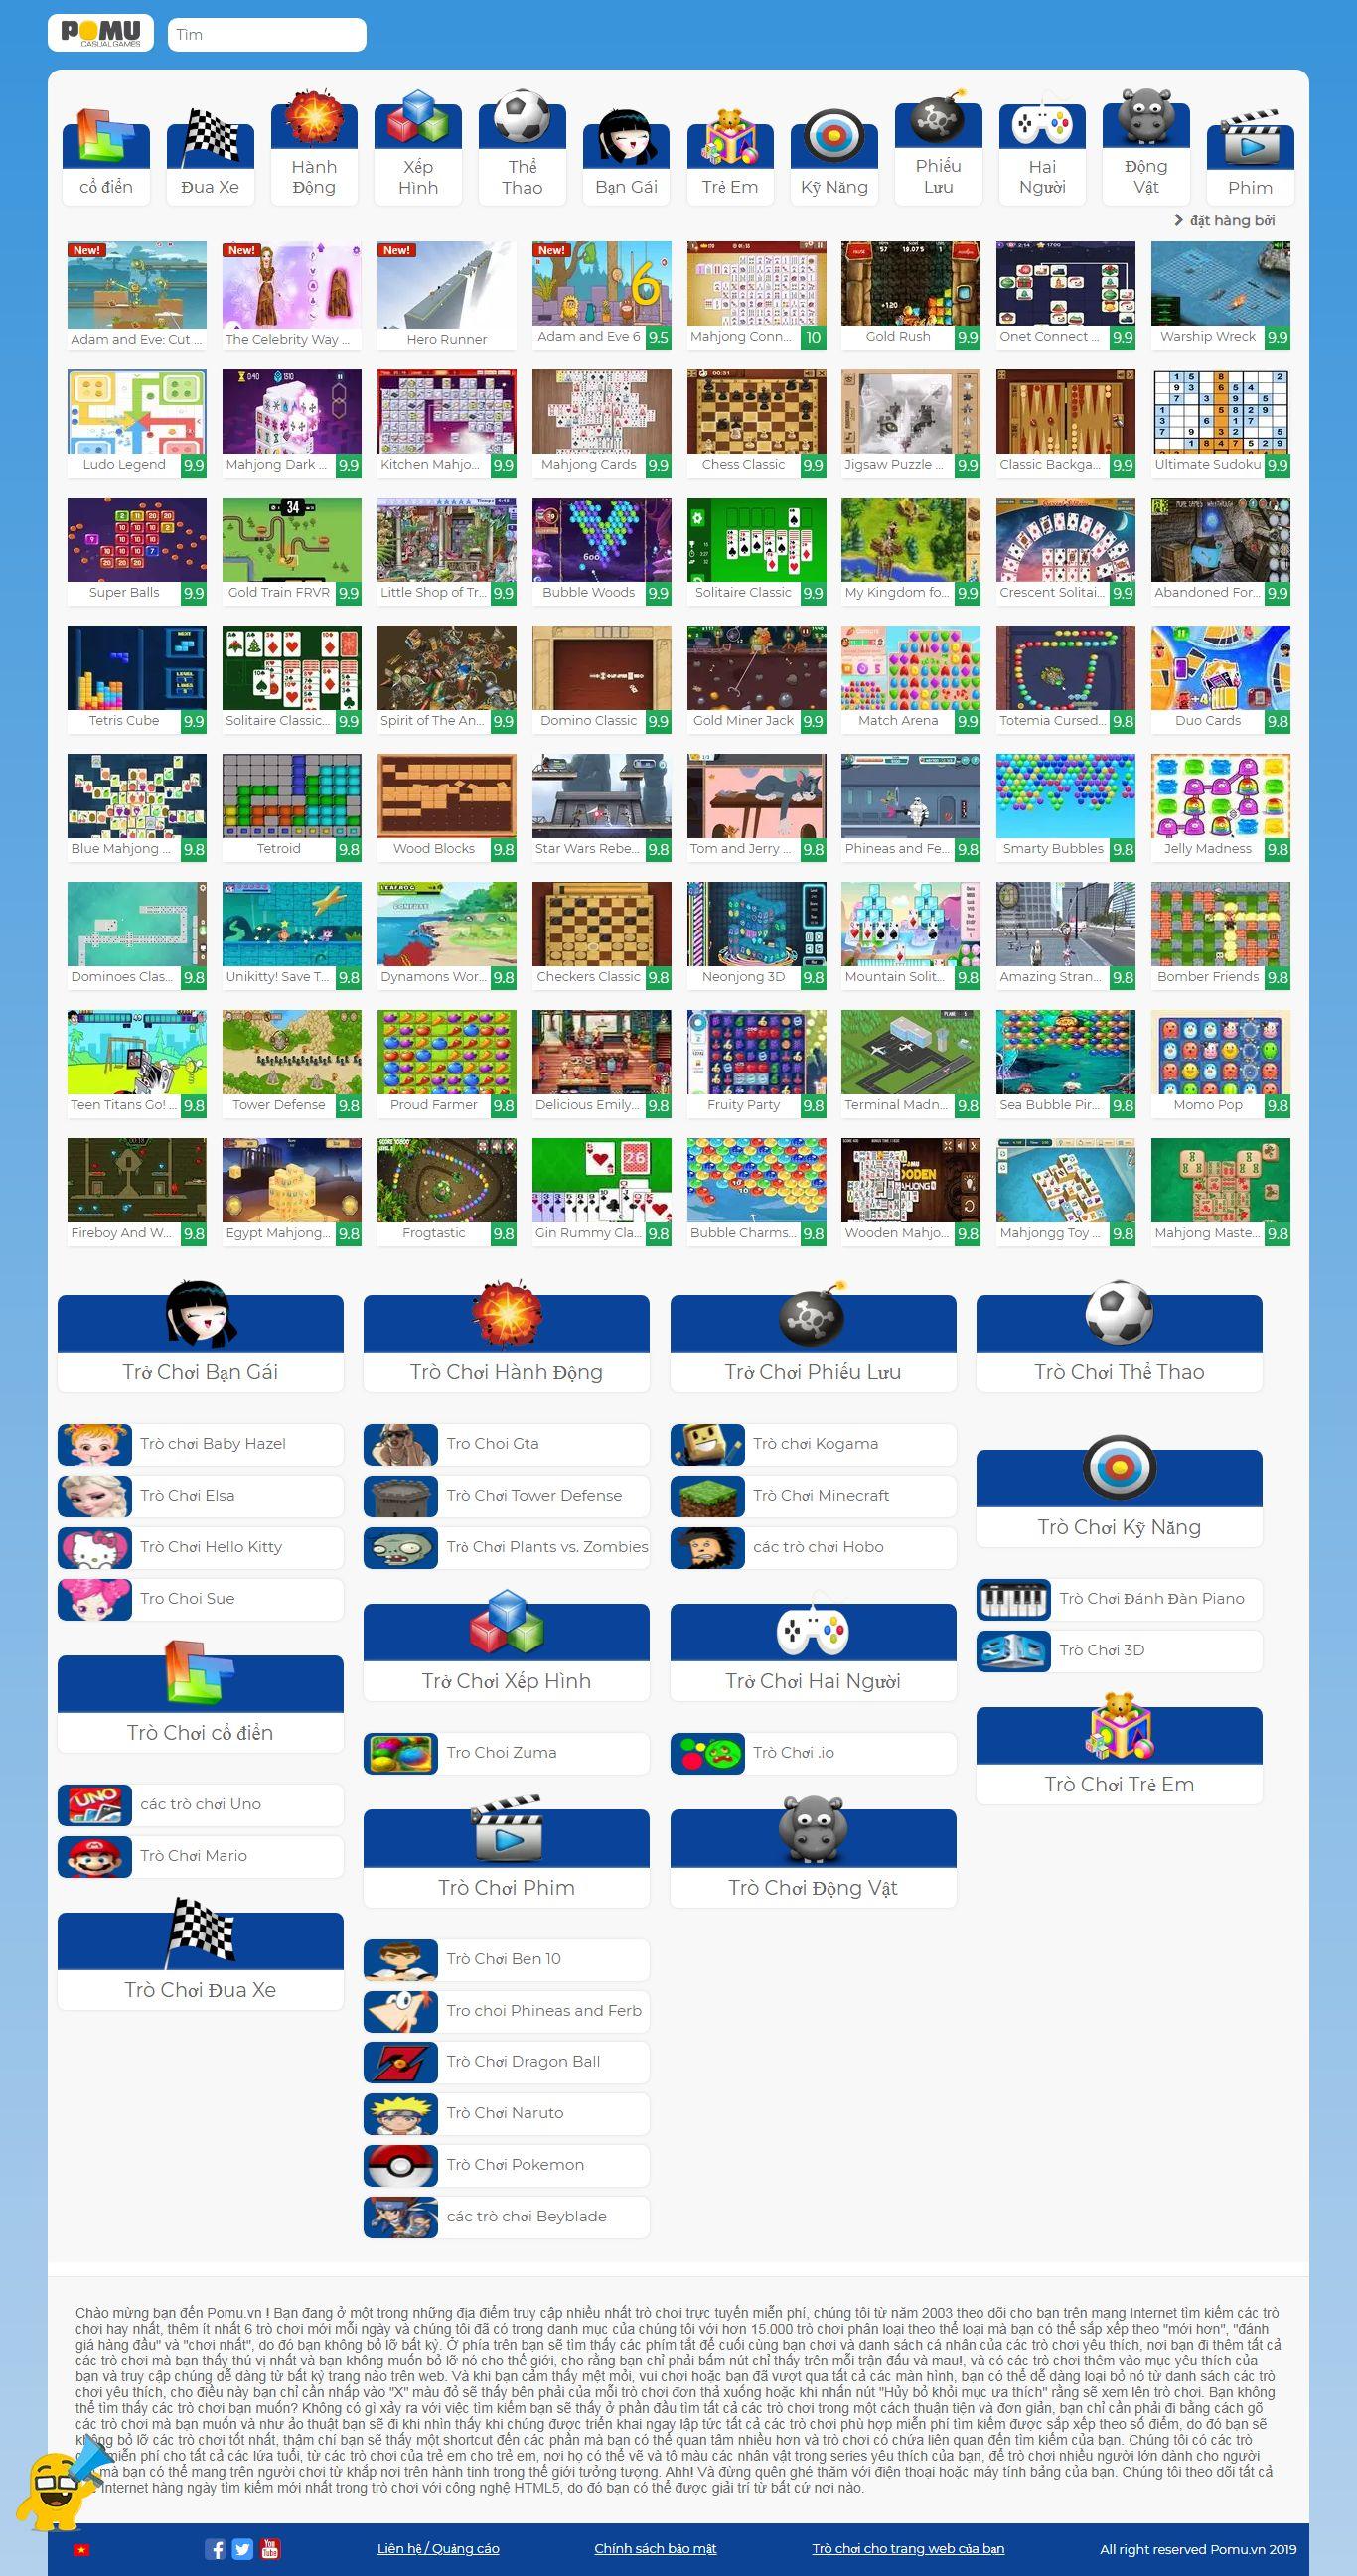 Thiết kế Web giới thiệu game, trò chơi điện tử - www.pomu.vn